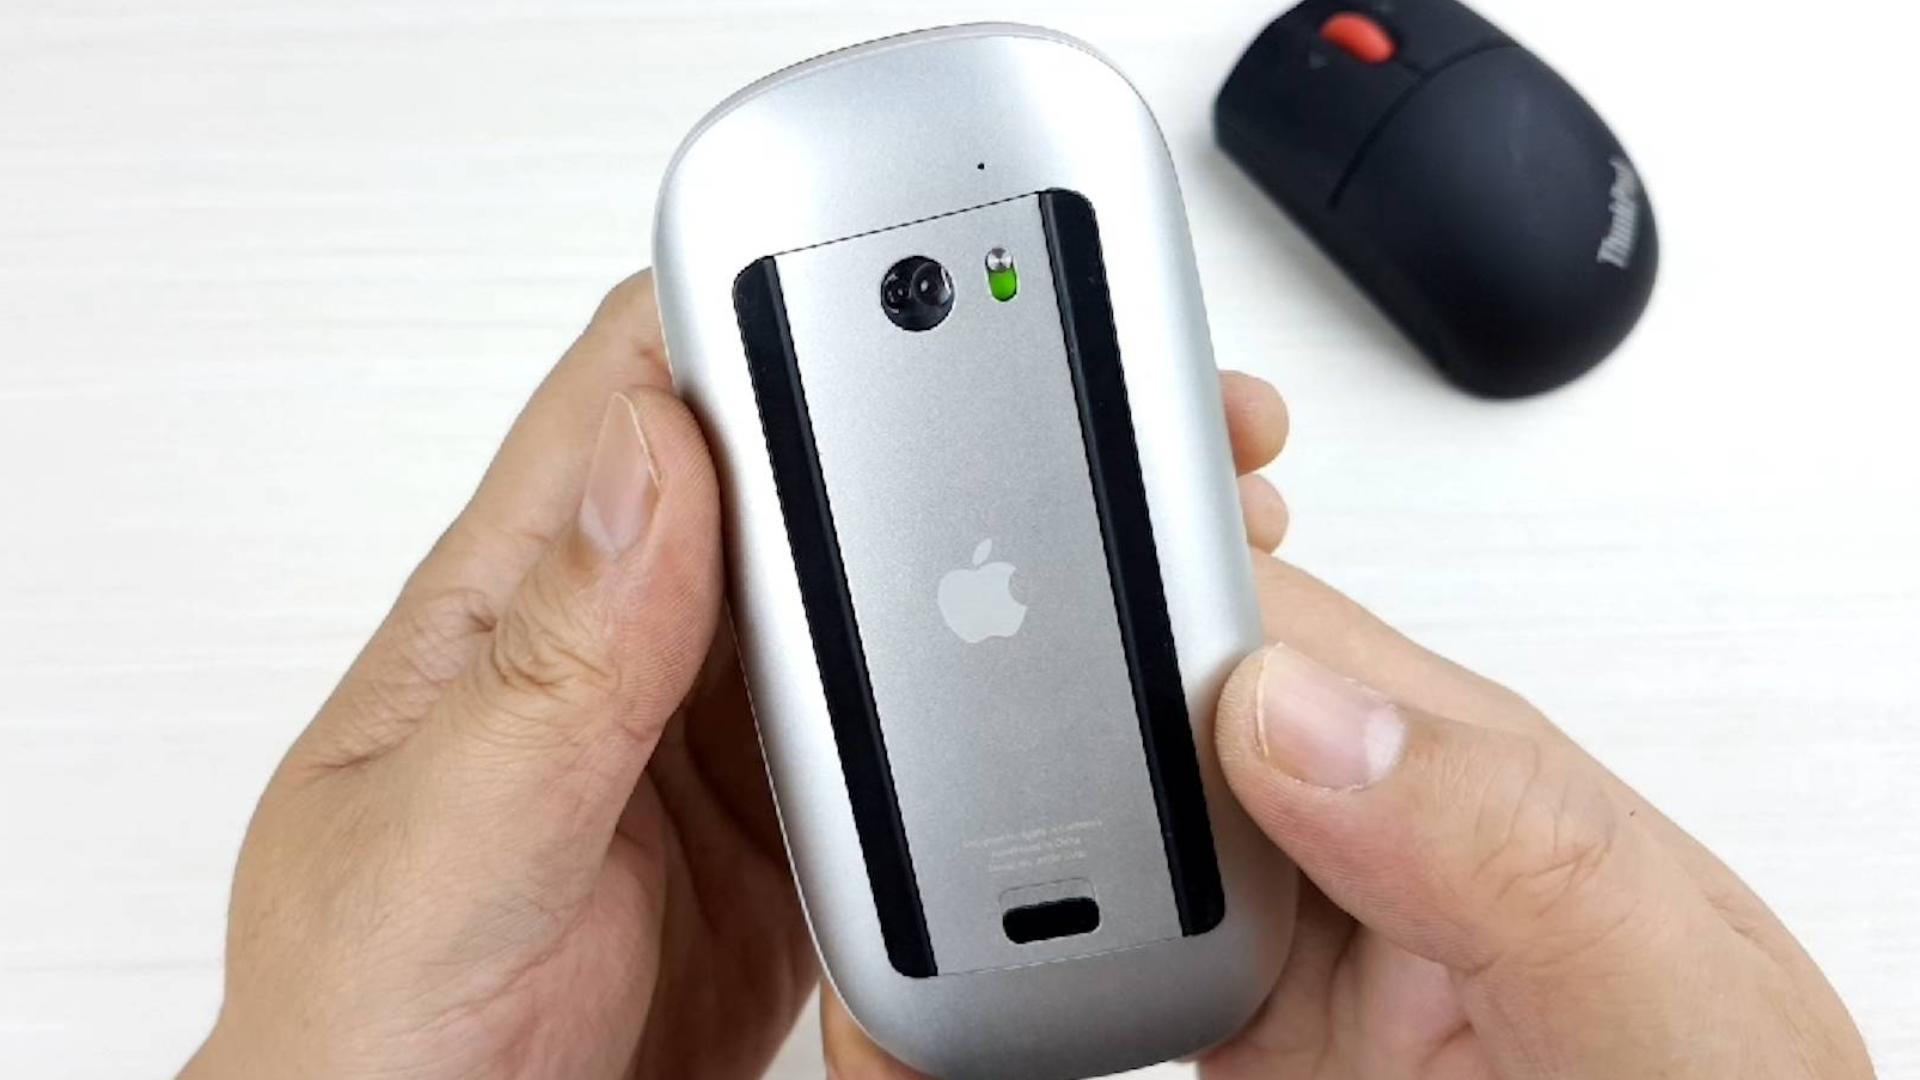 拆解苹果第一代触控鼠标,看内部的做工和设计,显微镜下观察芯片